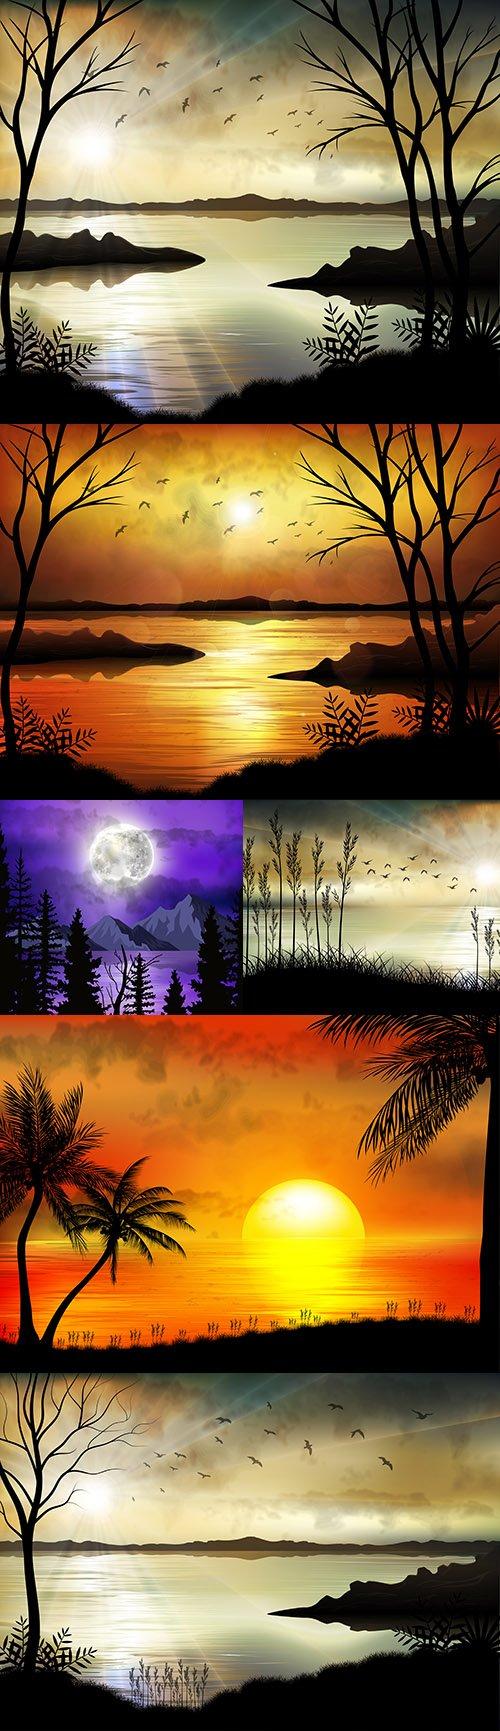 Tropical sunrise on the sea coast beautiful illustrations